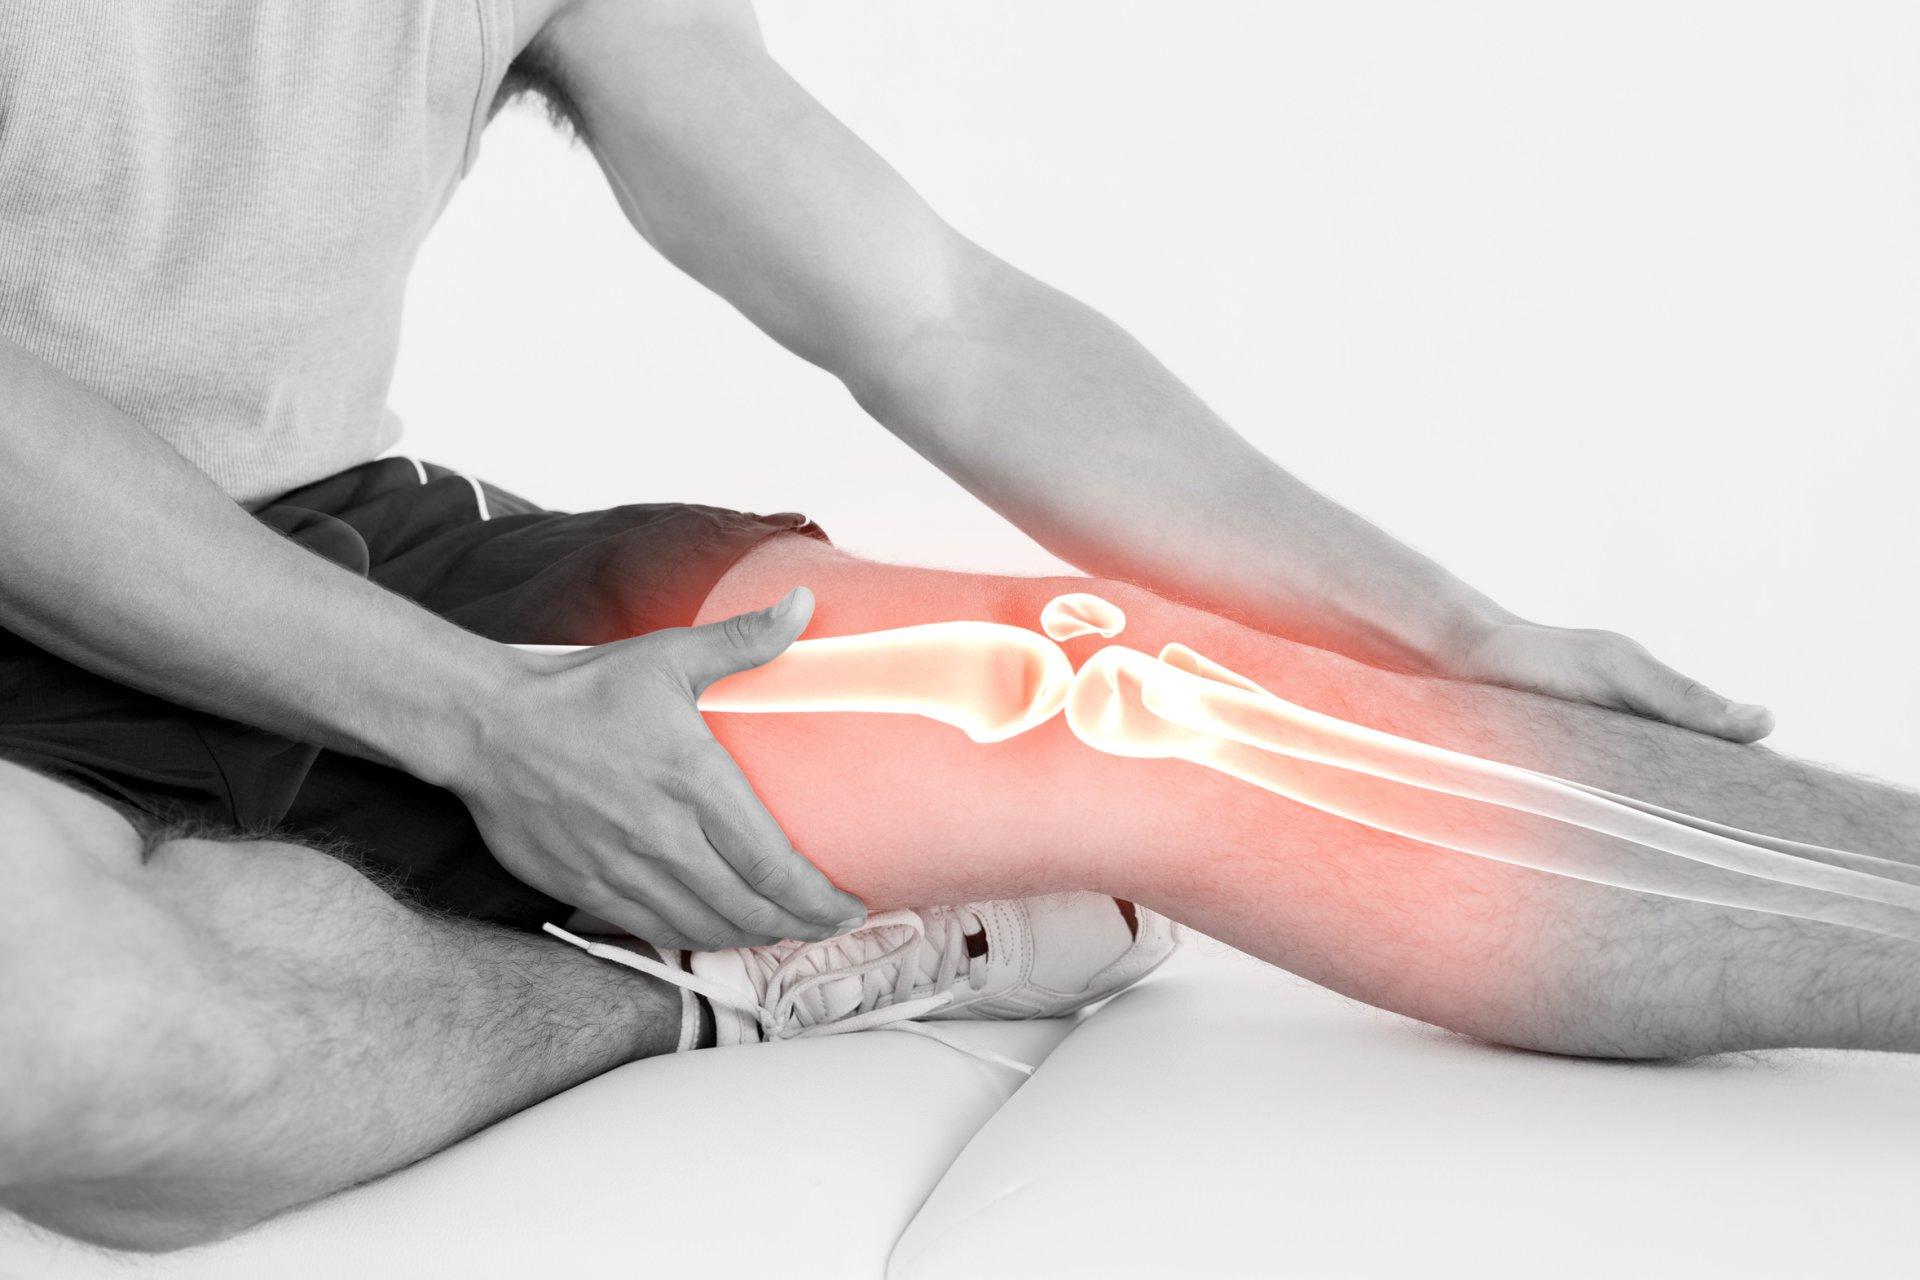 liaudies gydymas nuo skausmo sąnariuose kaip pašalinti skausmą bendrų nuomonių